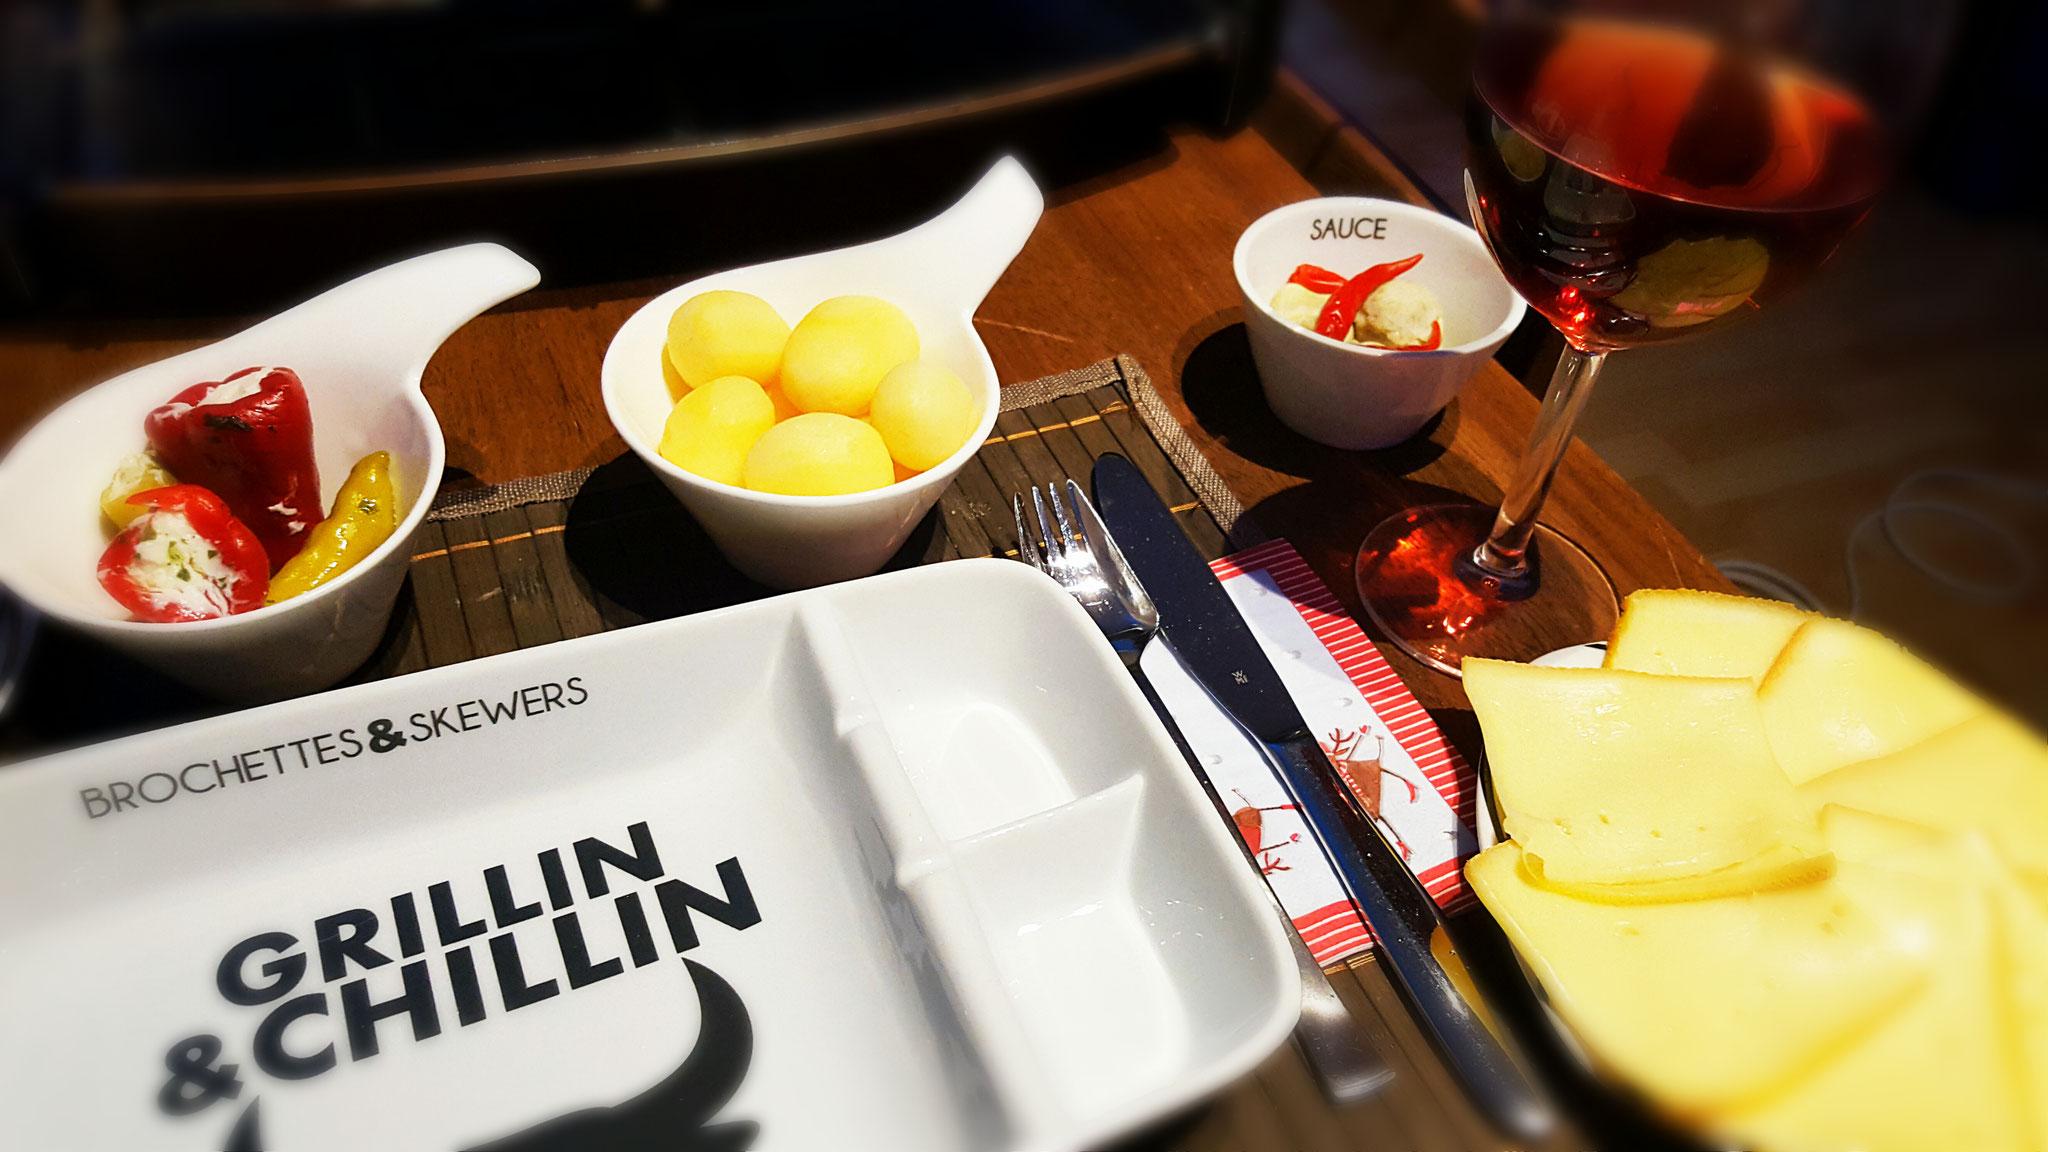 Frischkäse-Antipasti, Kartoffeln, Artischocken, Chili-Schoten, Raclettekäse und Wein